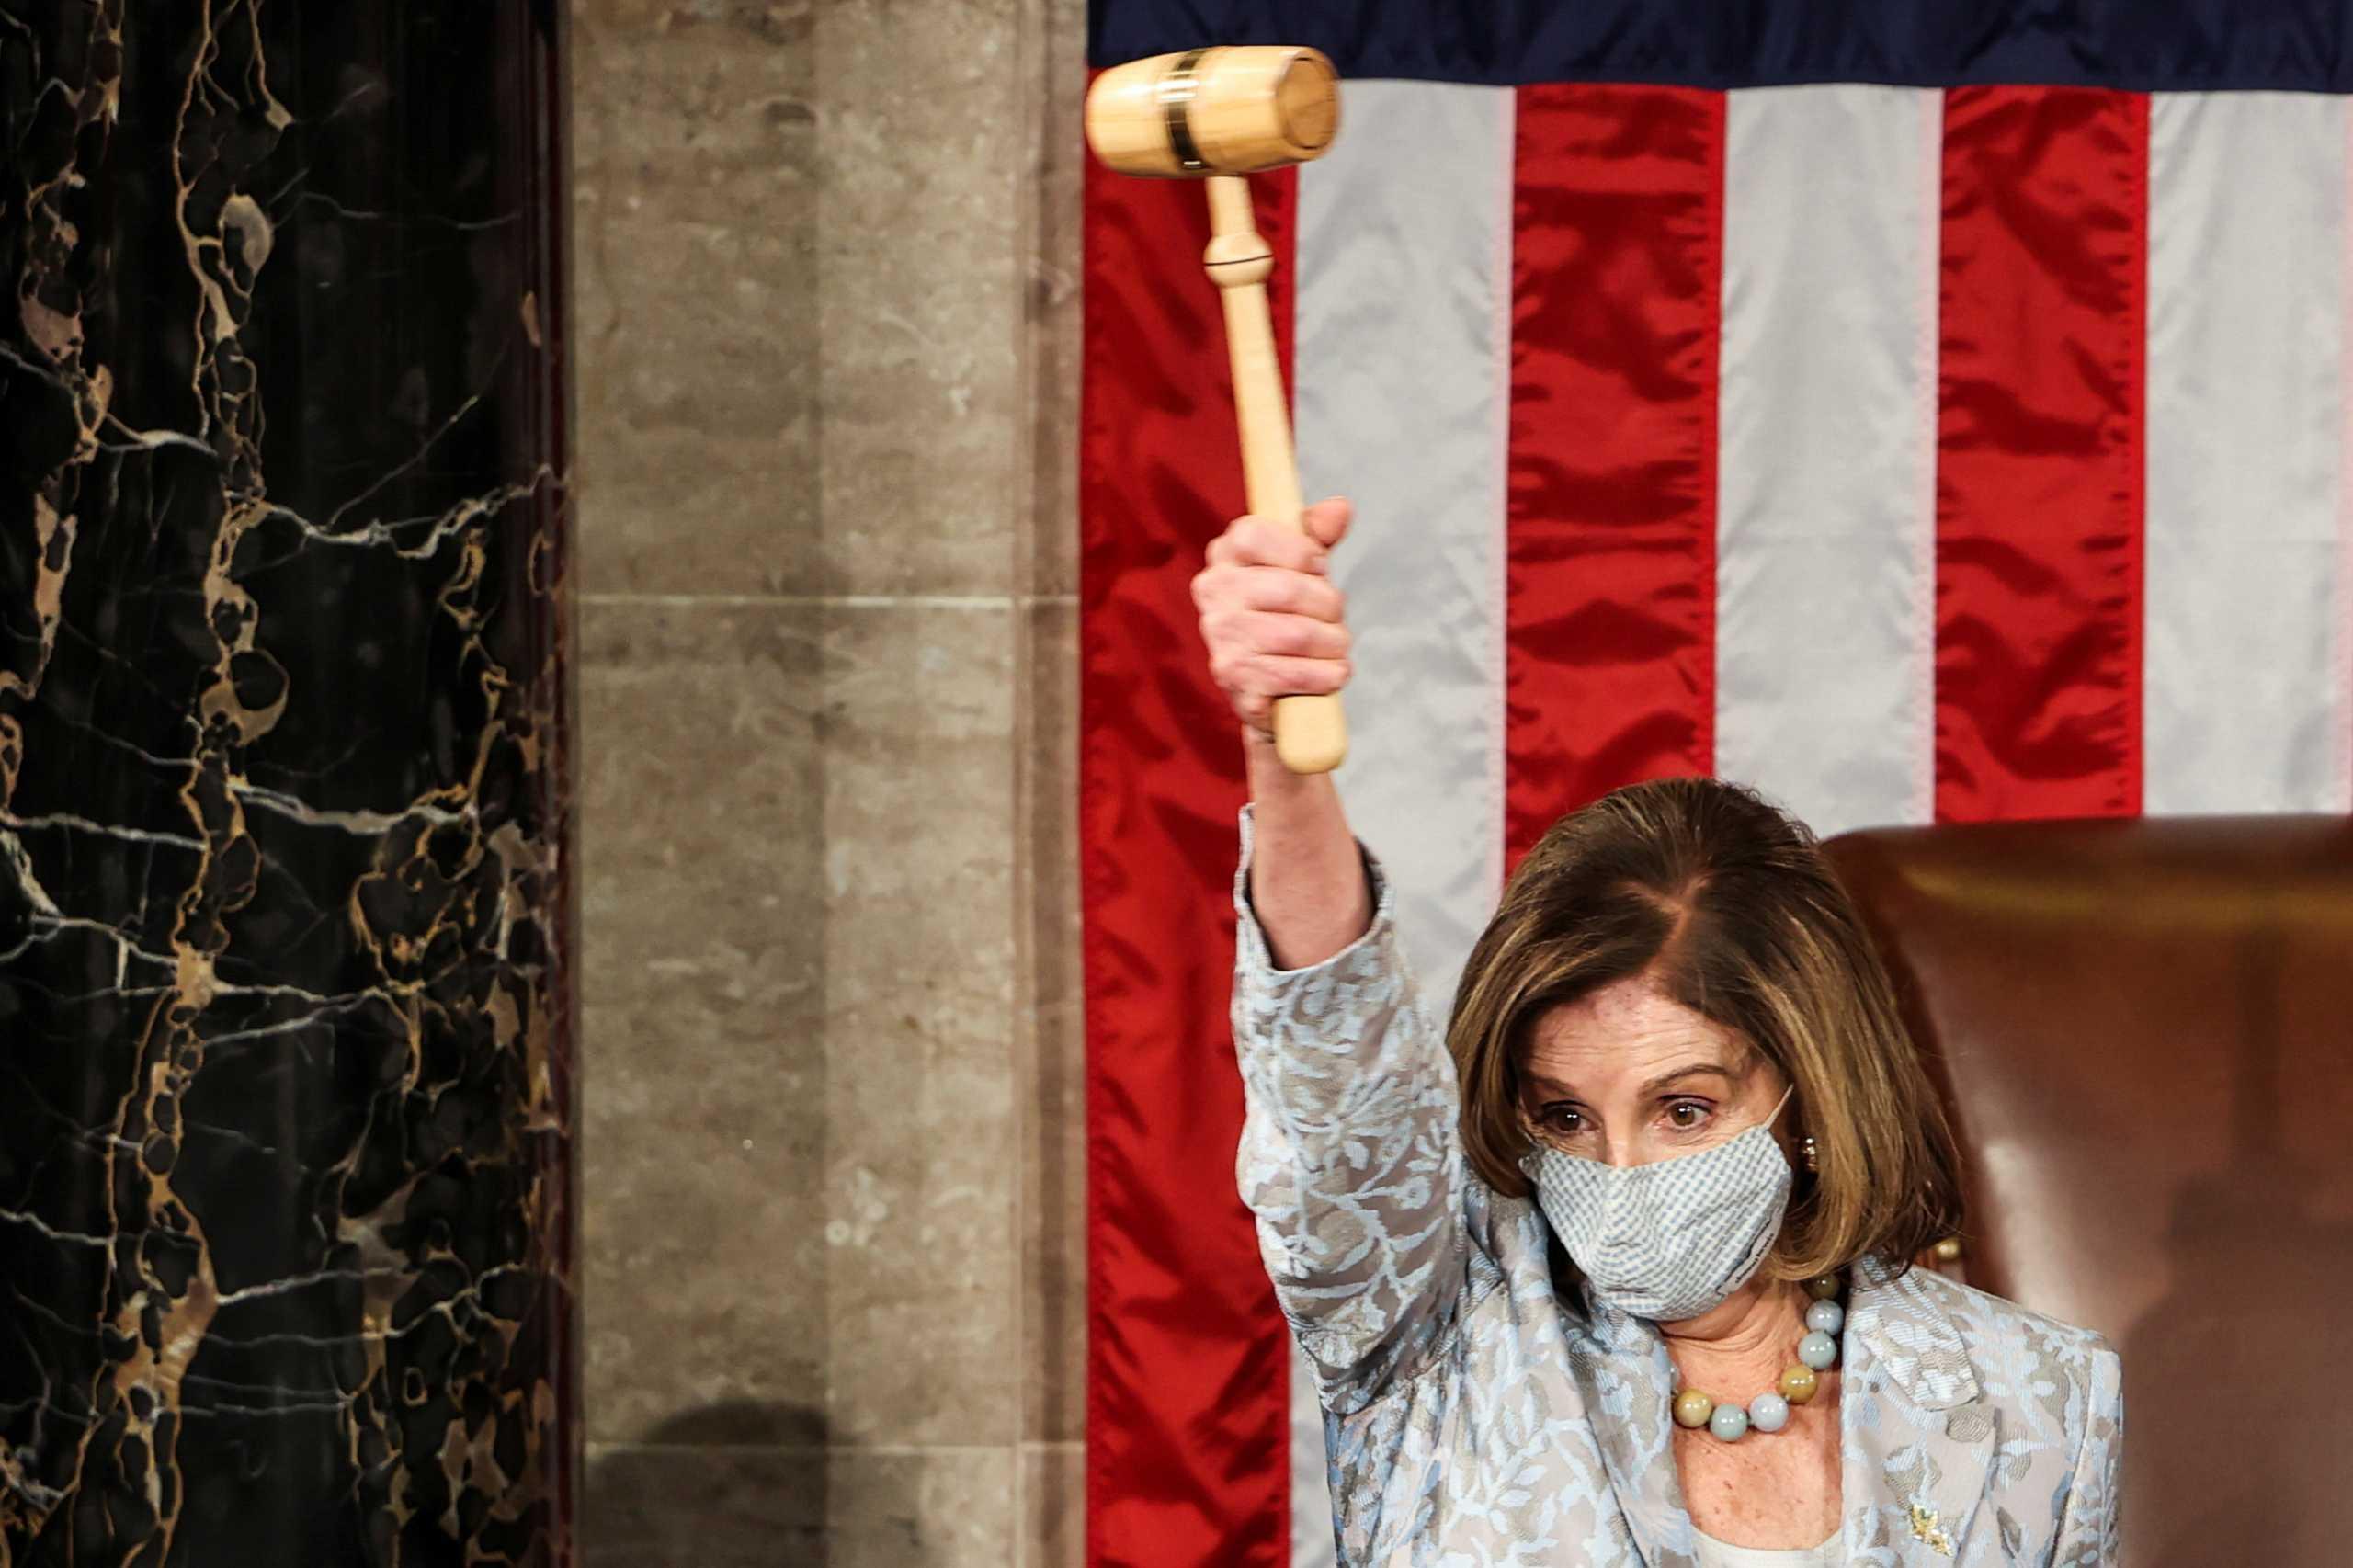 ΗΠΑ – Νάνσι Πελόζι: Για 4η φορά πρόεδρος της Βουλής των Αντιπροσώπων